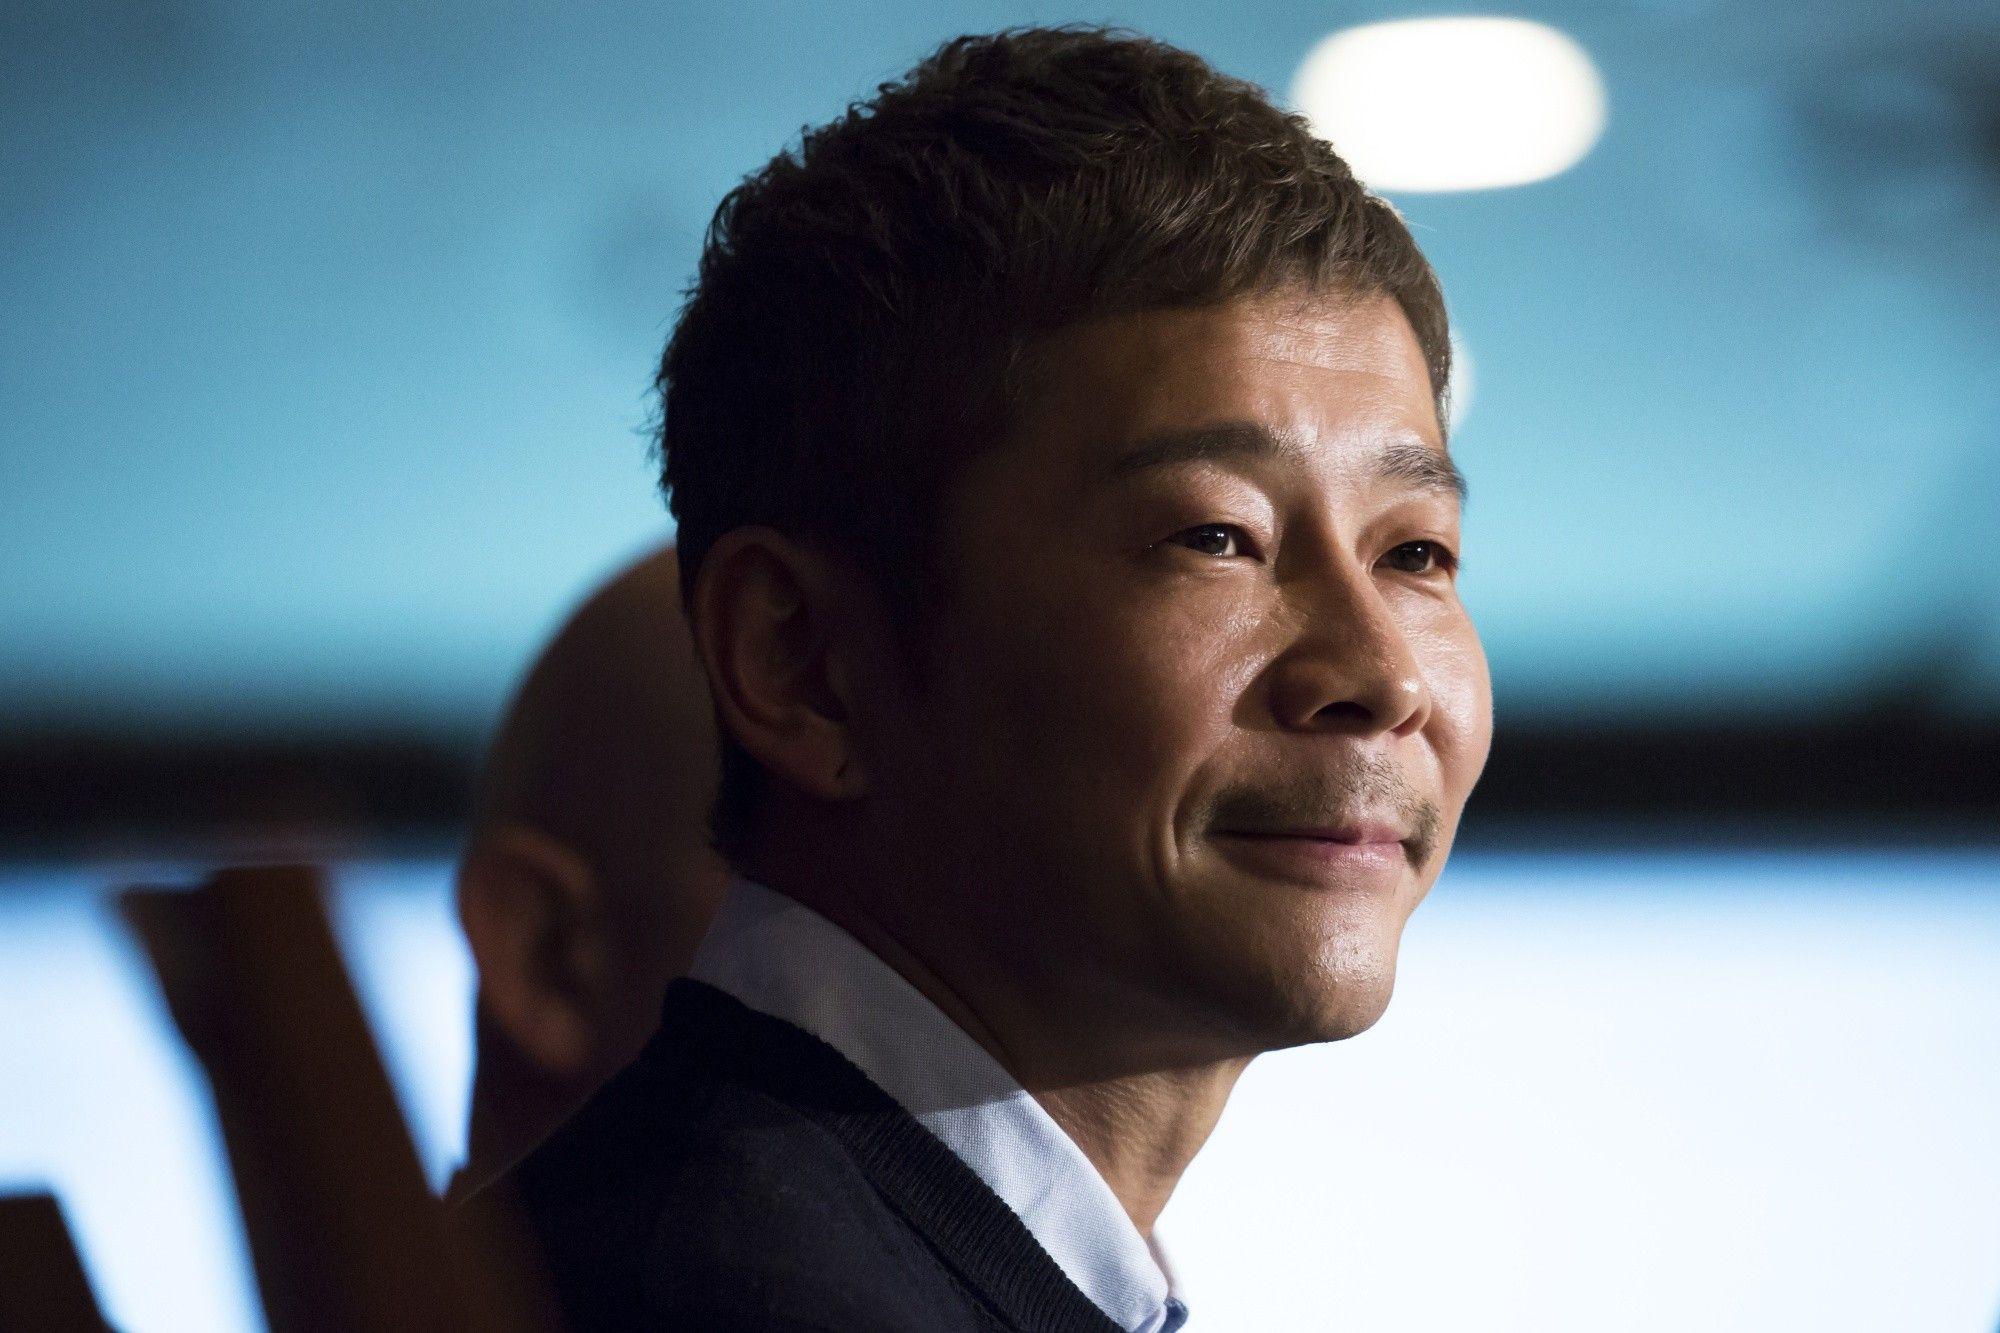 Un multimillonario japonés publicó el tuit más compartido de la historia